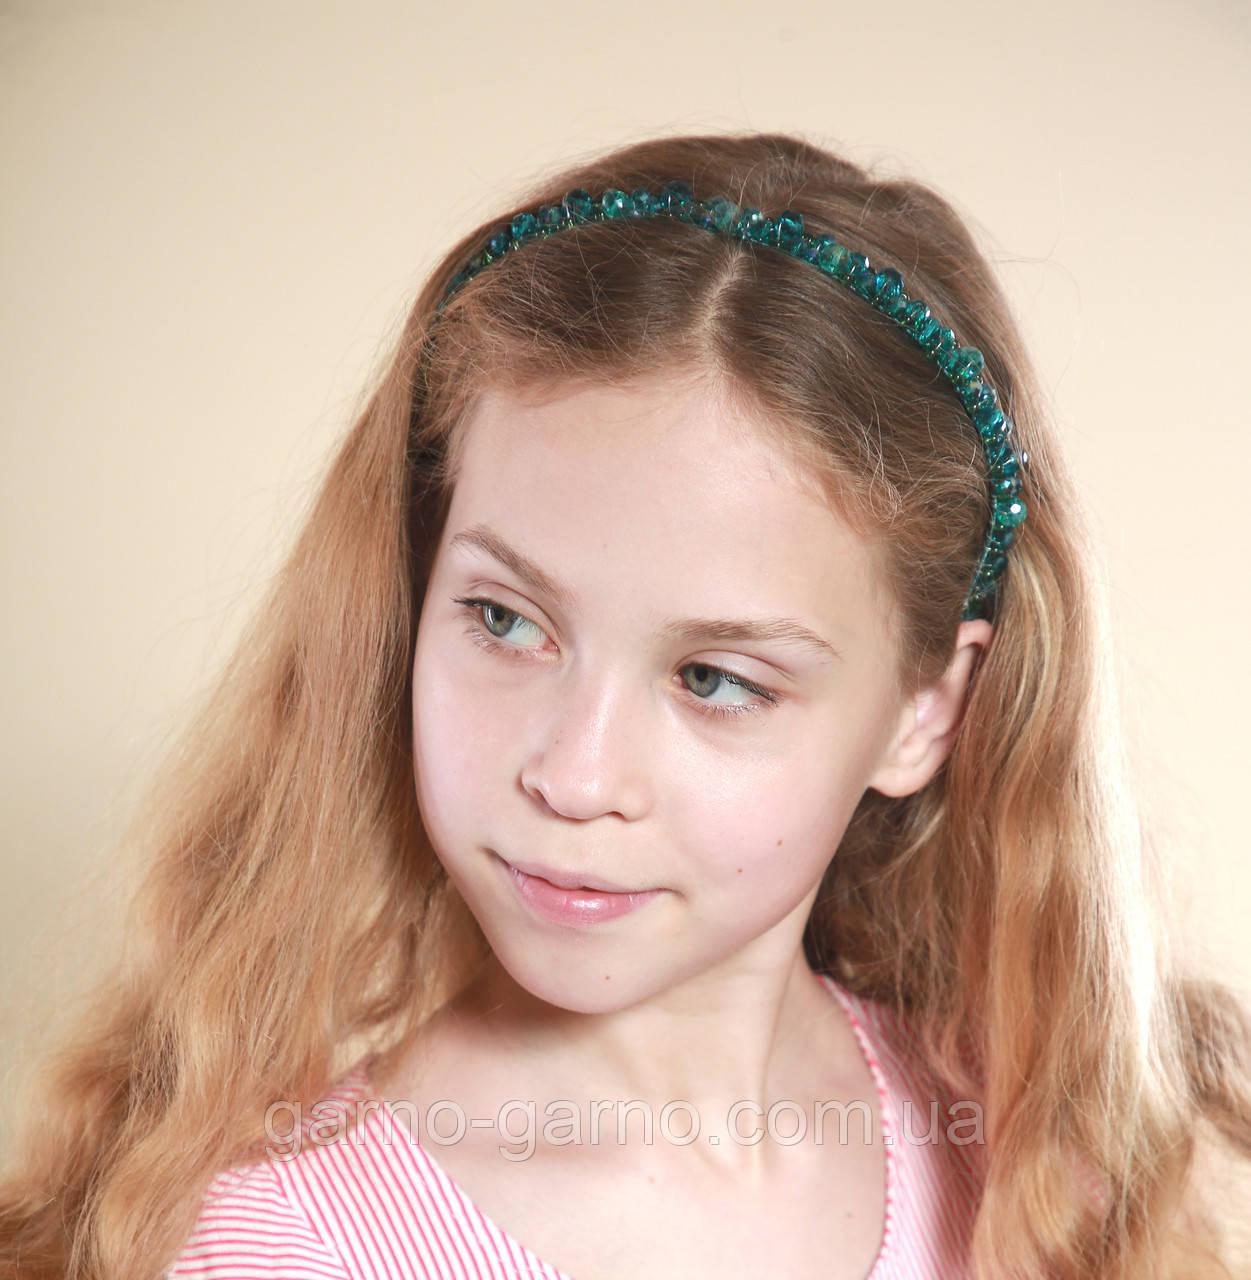 Зеленый Обруч для волос с хрустальными бусинами Изумрудный